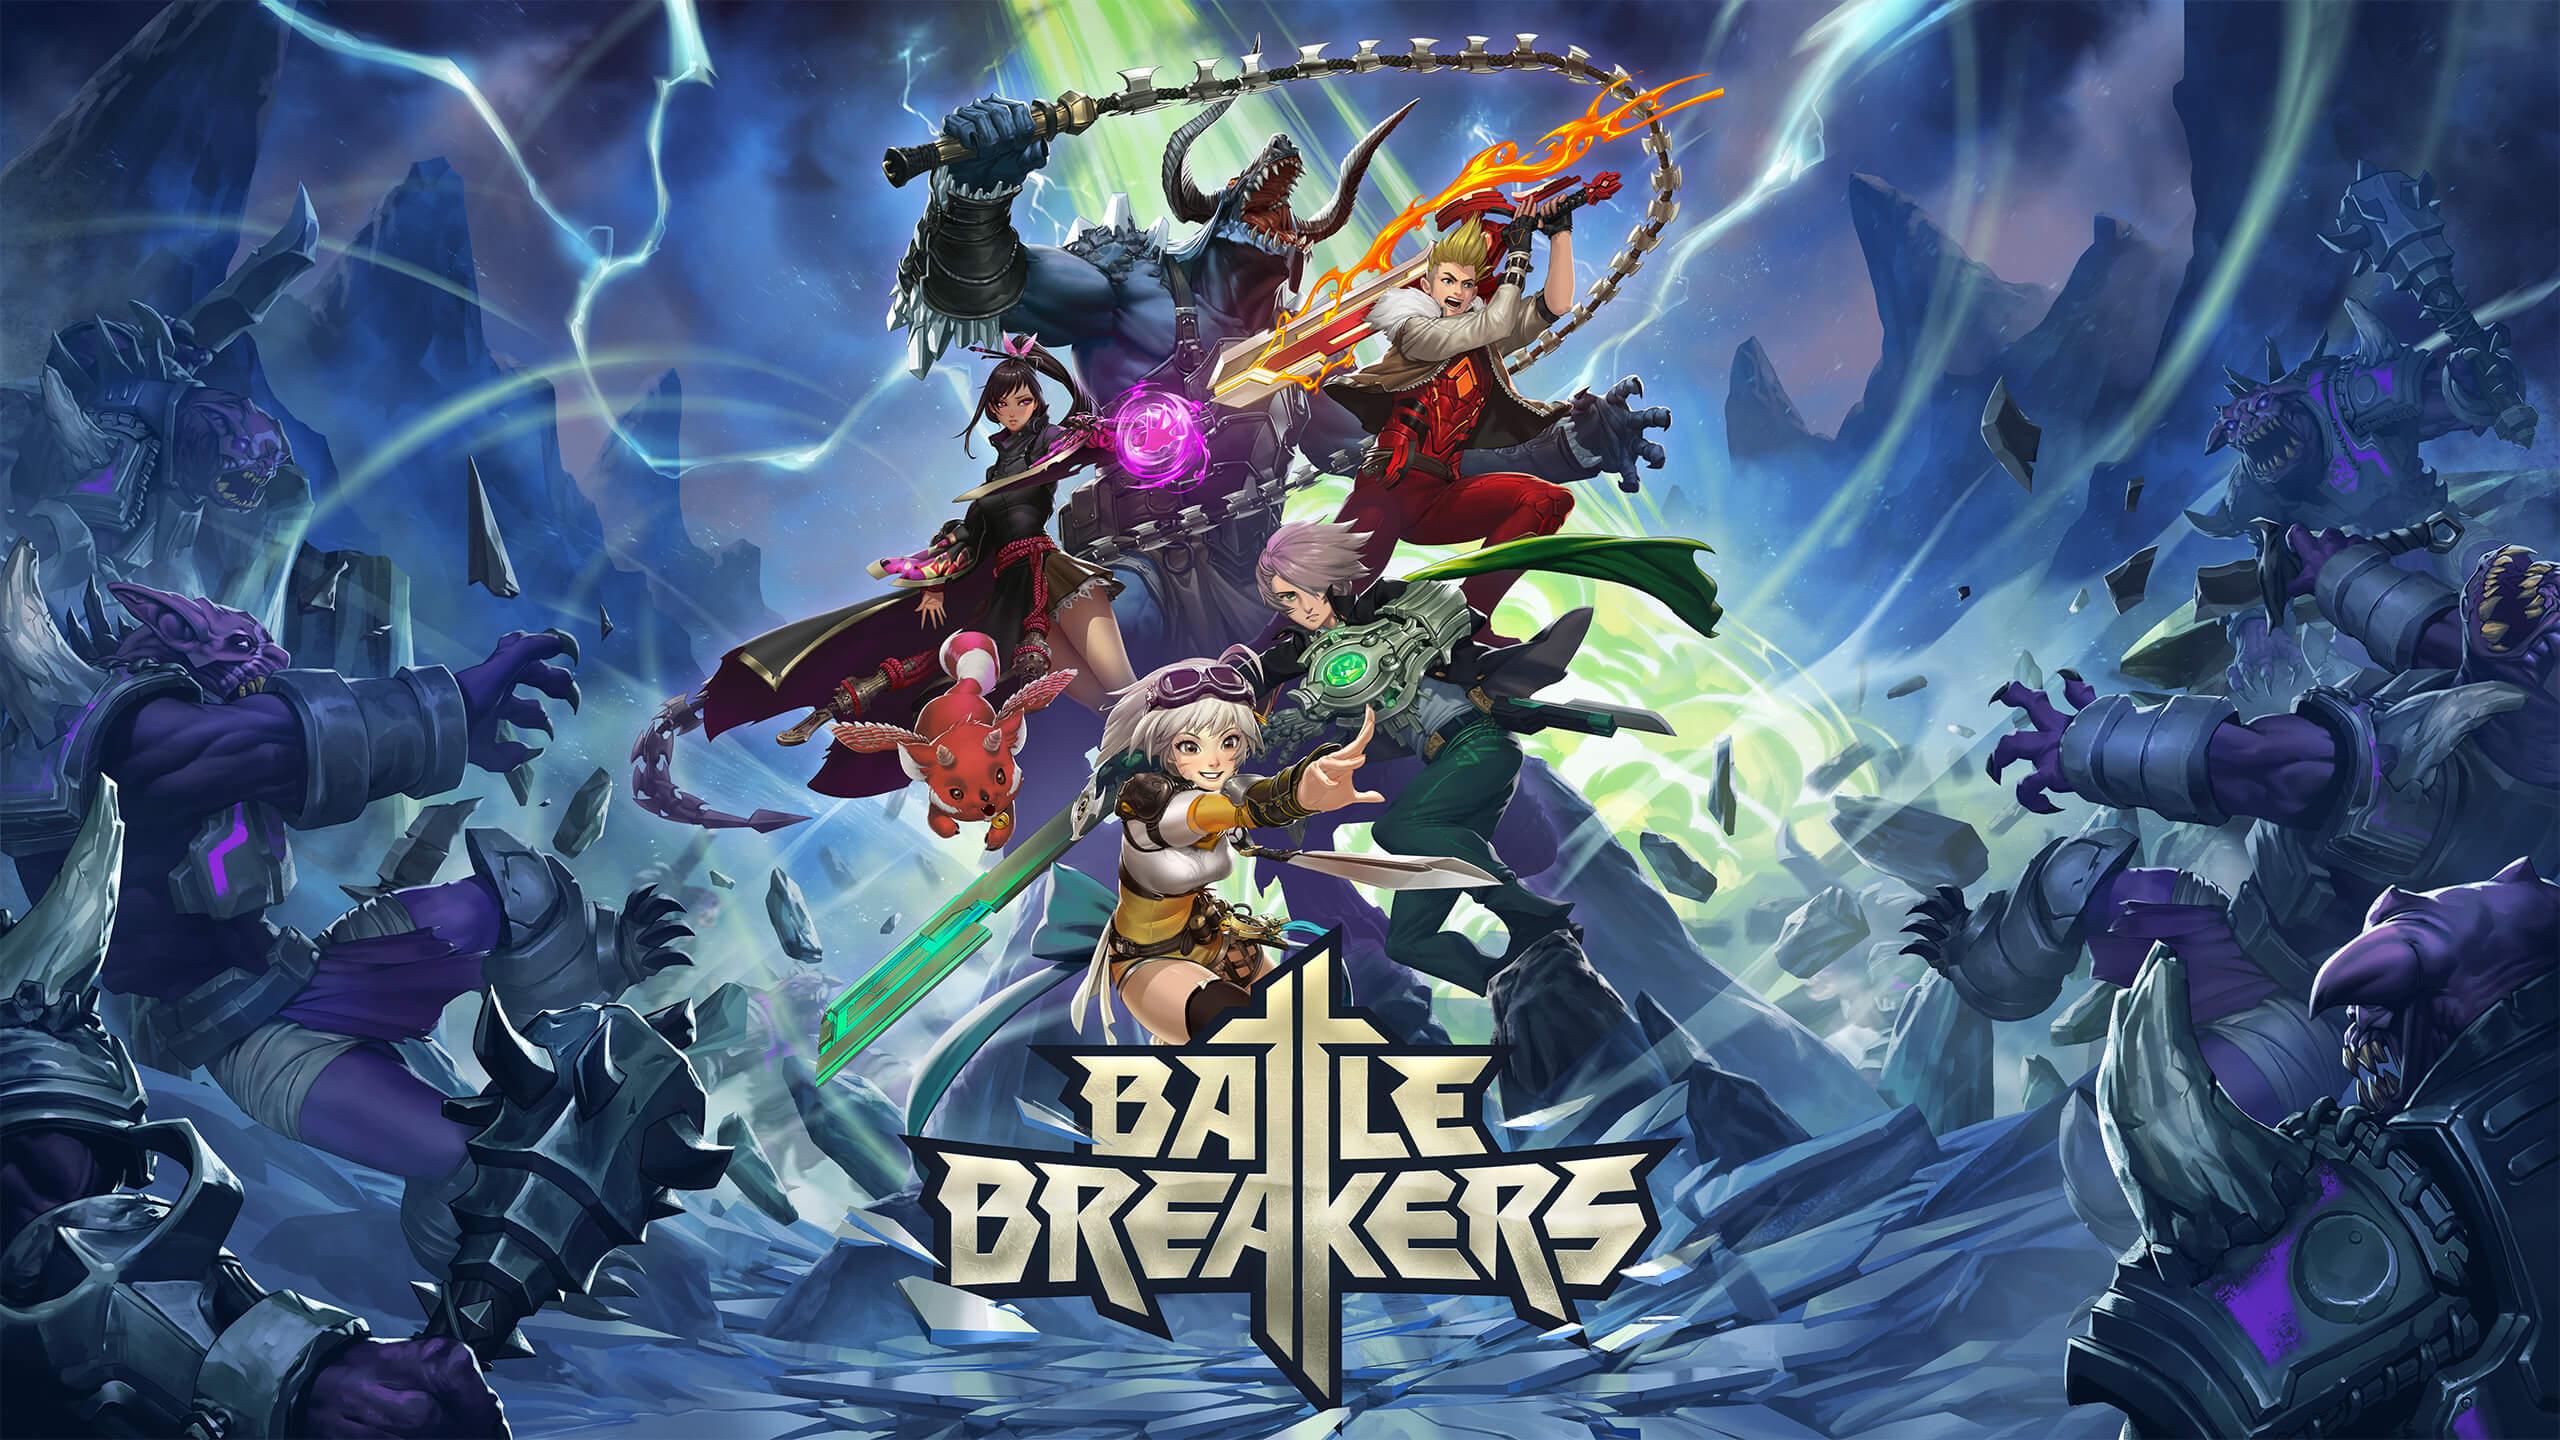 Le Epic Games Store ajoute un deuxième jeu sur Android après Fortnite